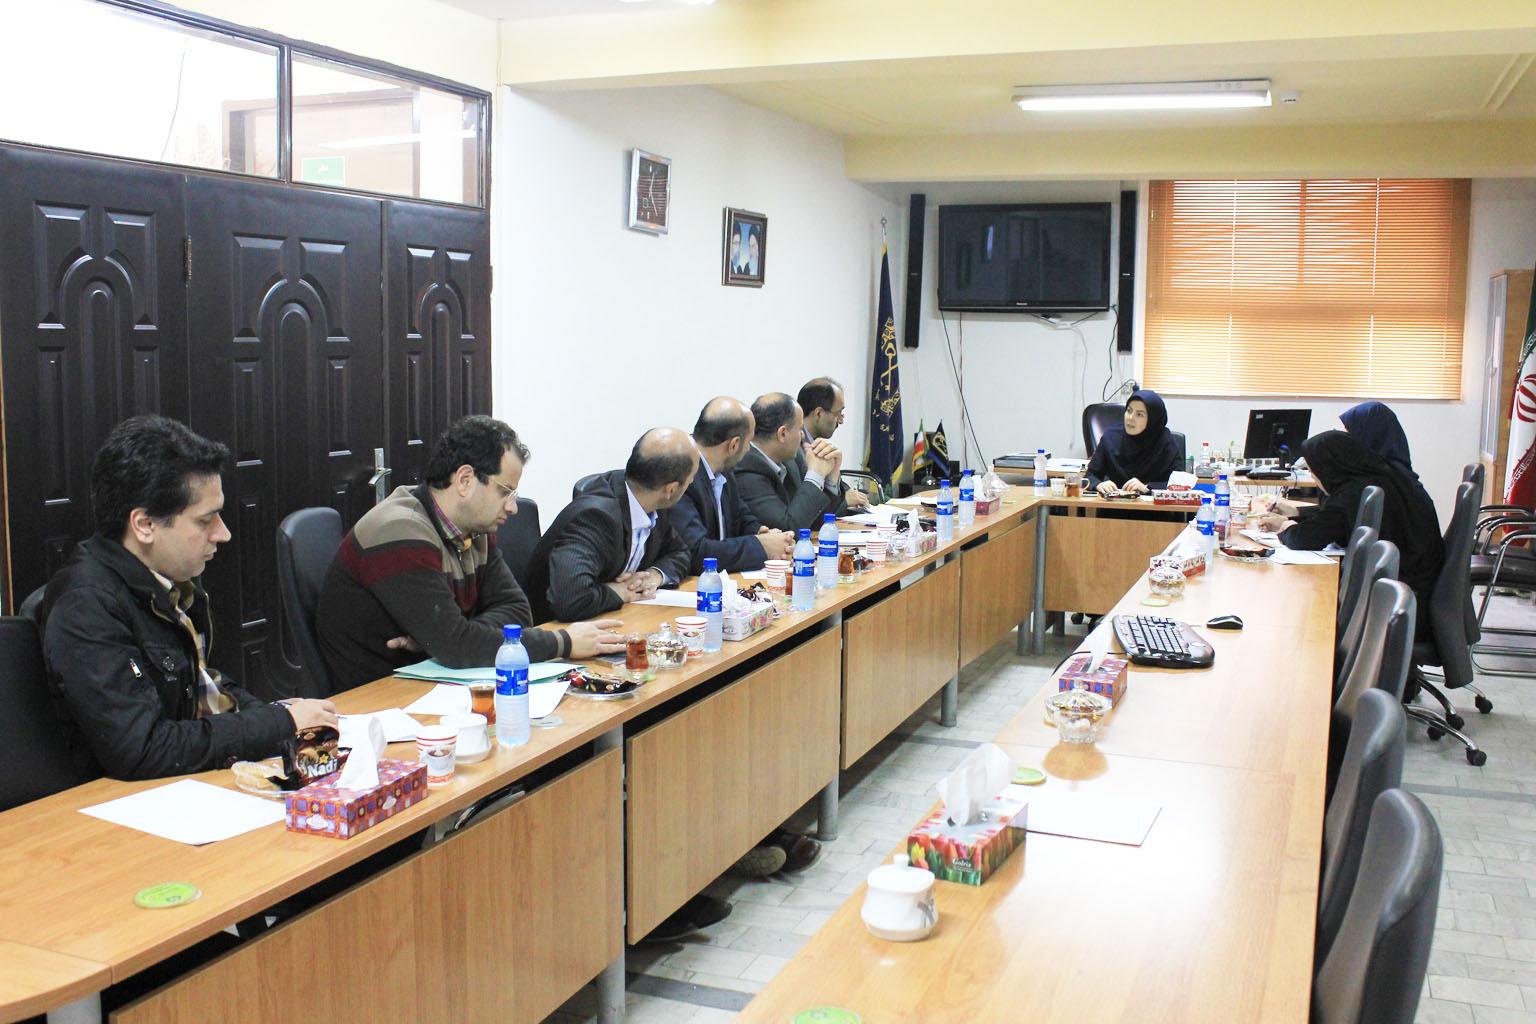 جلسه مدیریت درآمد با مدیران منطقه ای شرکت برق در راستای وصول مطالبات